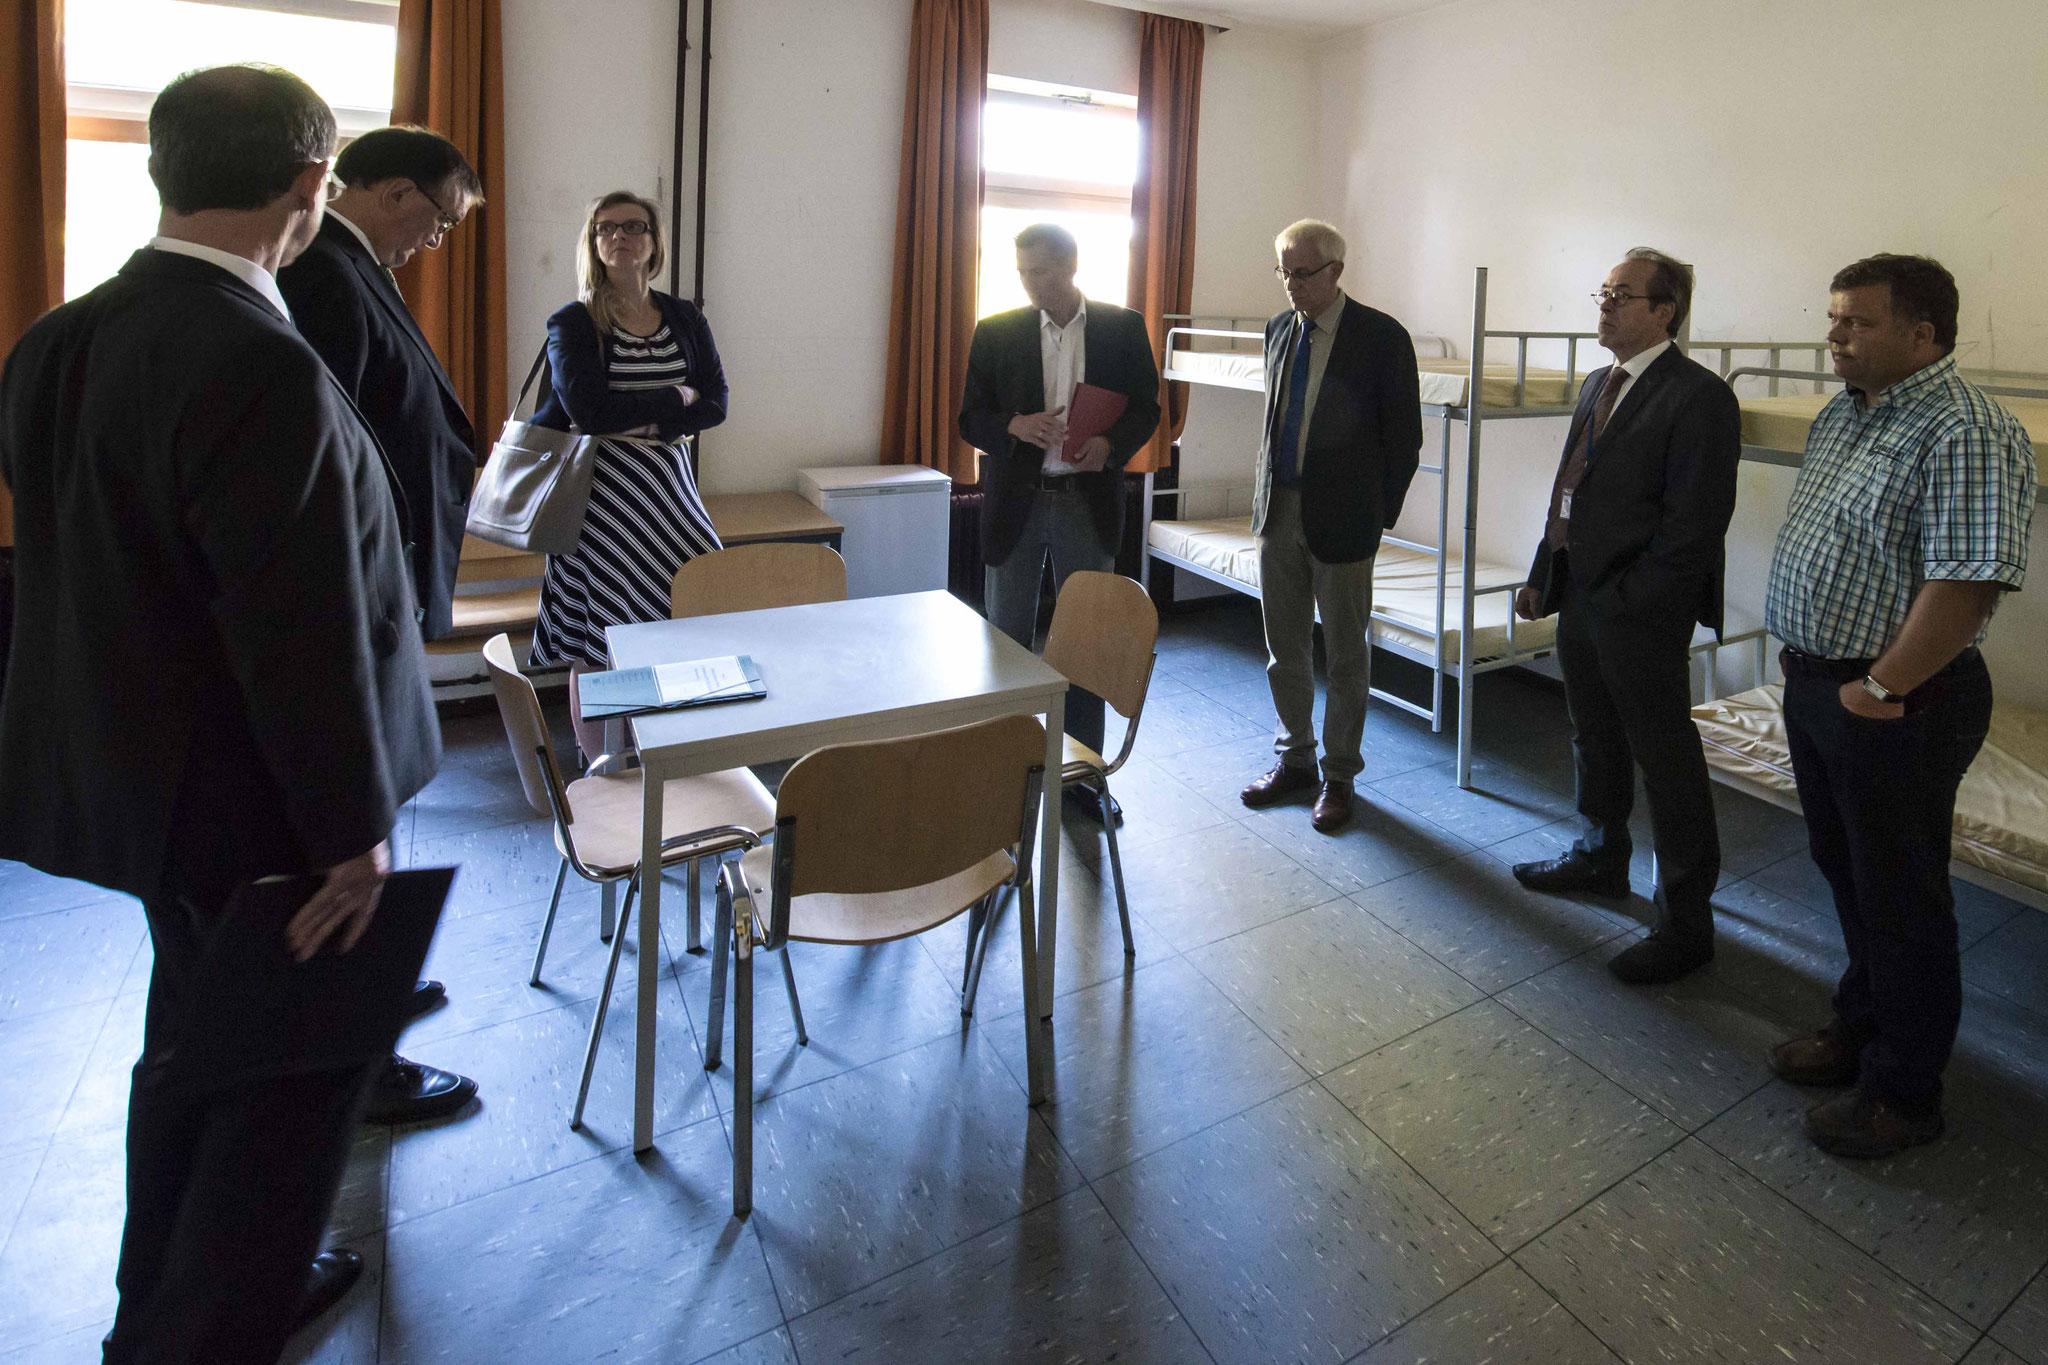 Sechser Zimmer mit Stockbetten: RP Ullrich (v.l.n.r.), Bischof Hein, Pfarrerin Christina Schnepel, Zutz, Propst Wöllenstein, Dekan Köhler, Bürgermeister Thomas Groll